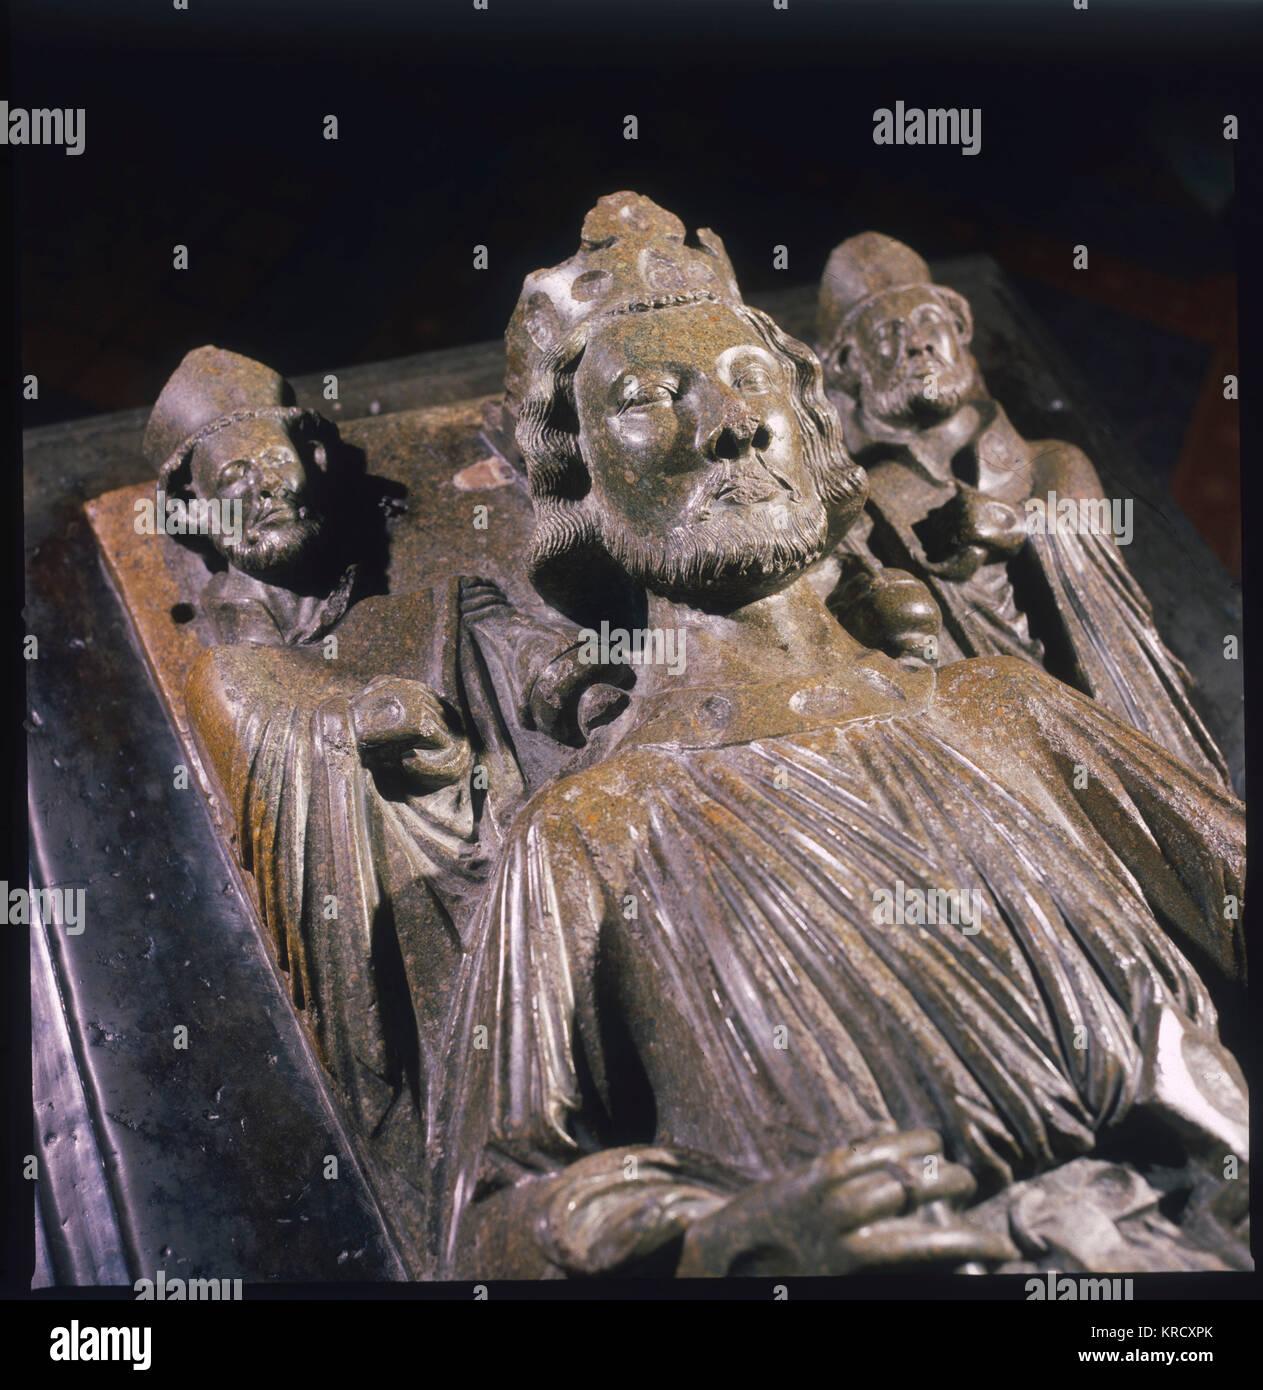 Das Bildnis von König John (1167 - 1216) auf seinem Grab in der Kathedrale von Worcester, Worcestershire, England. Stockbild